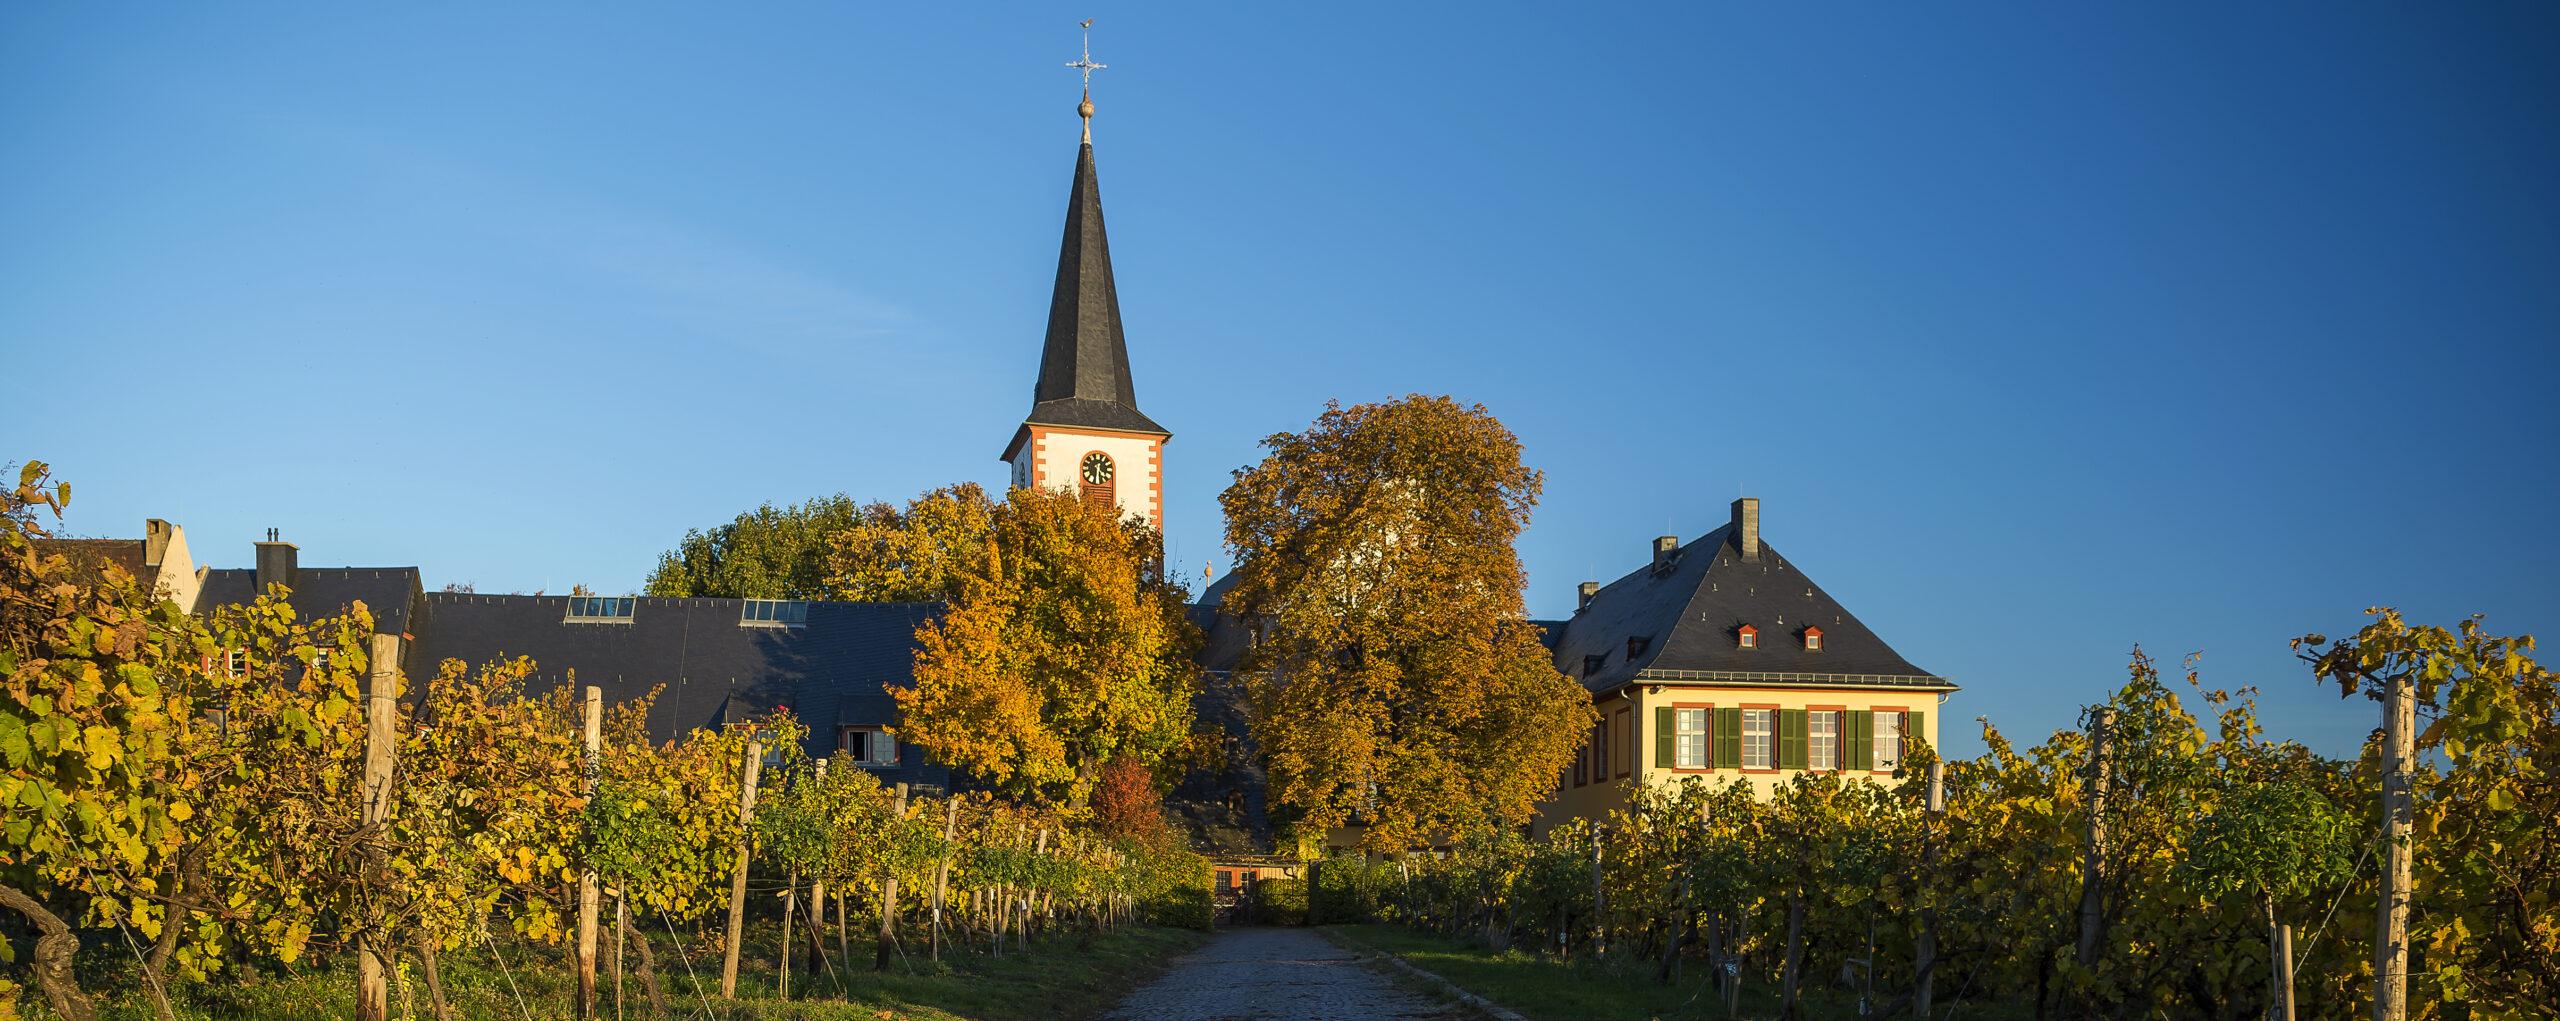 Ansicht Domänenhof und St. Peter und Paul